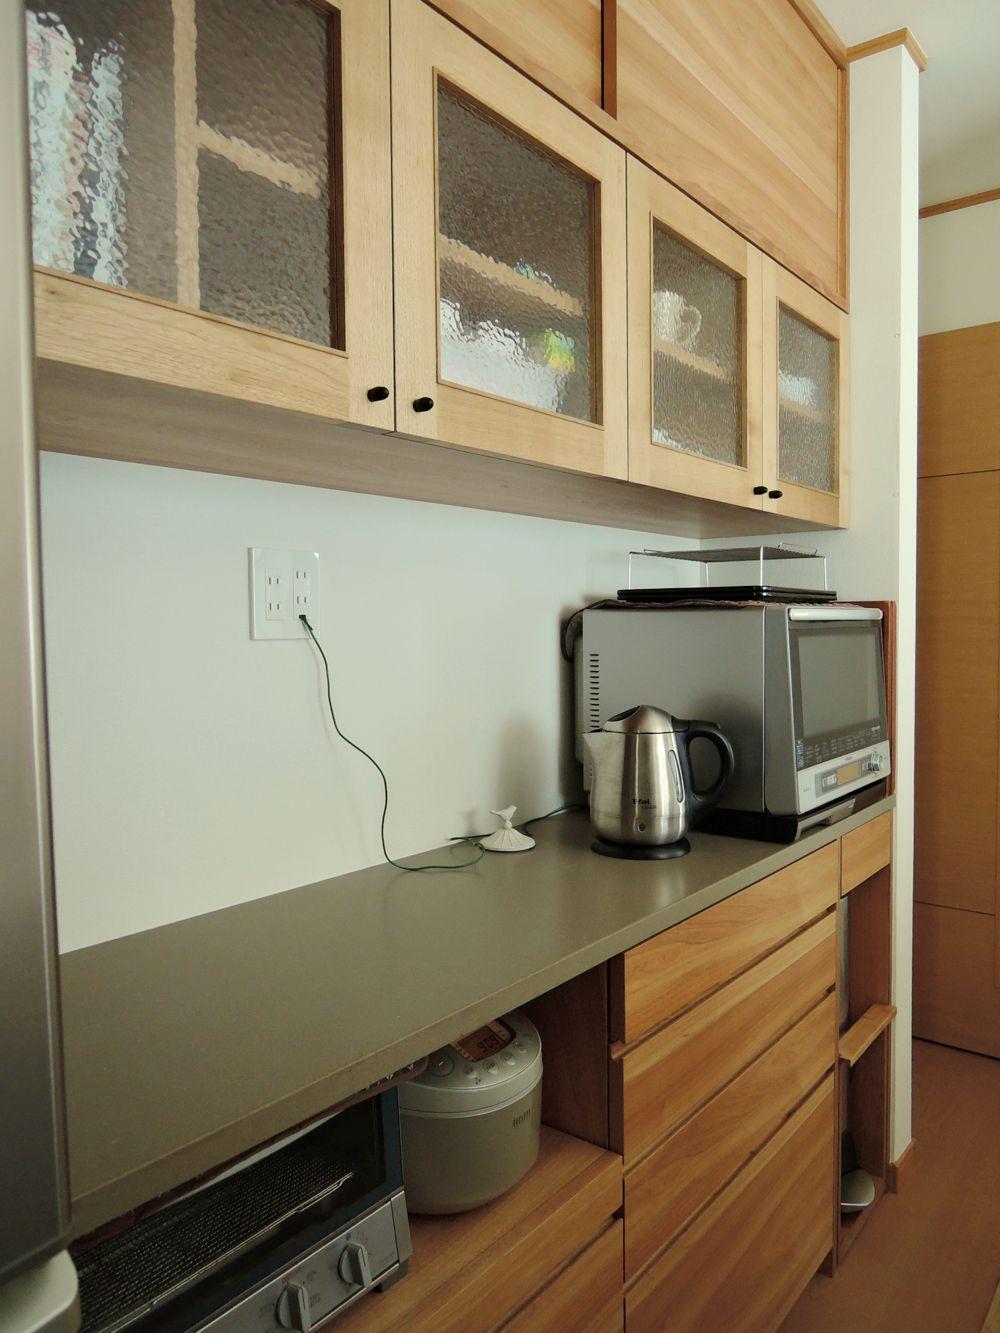 コーリアンとクルミとステンドグラスのある食器棚